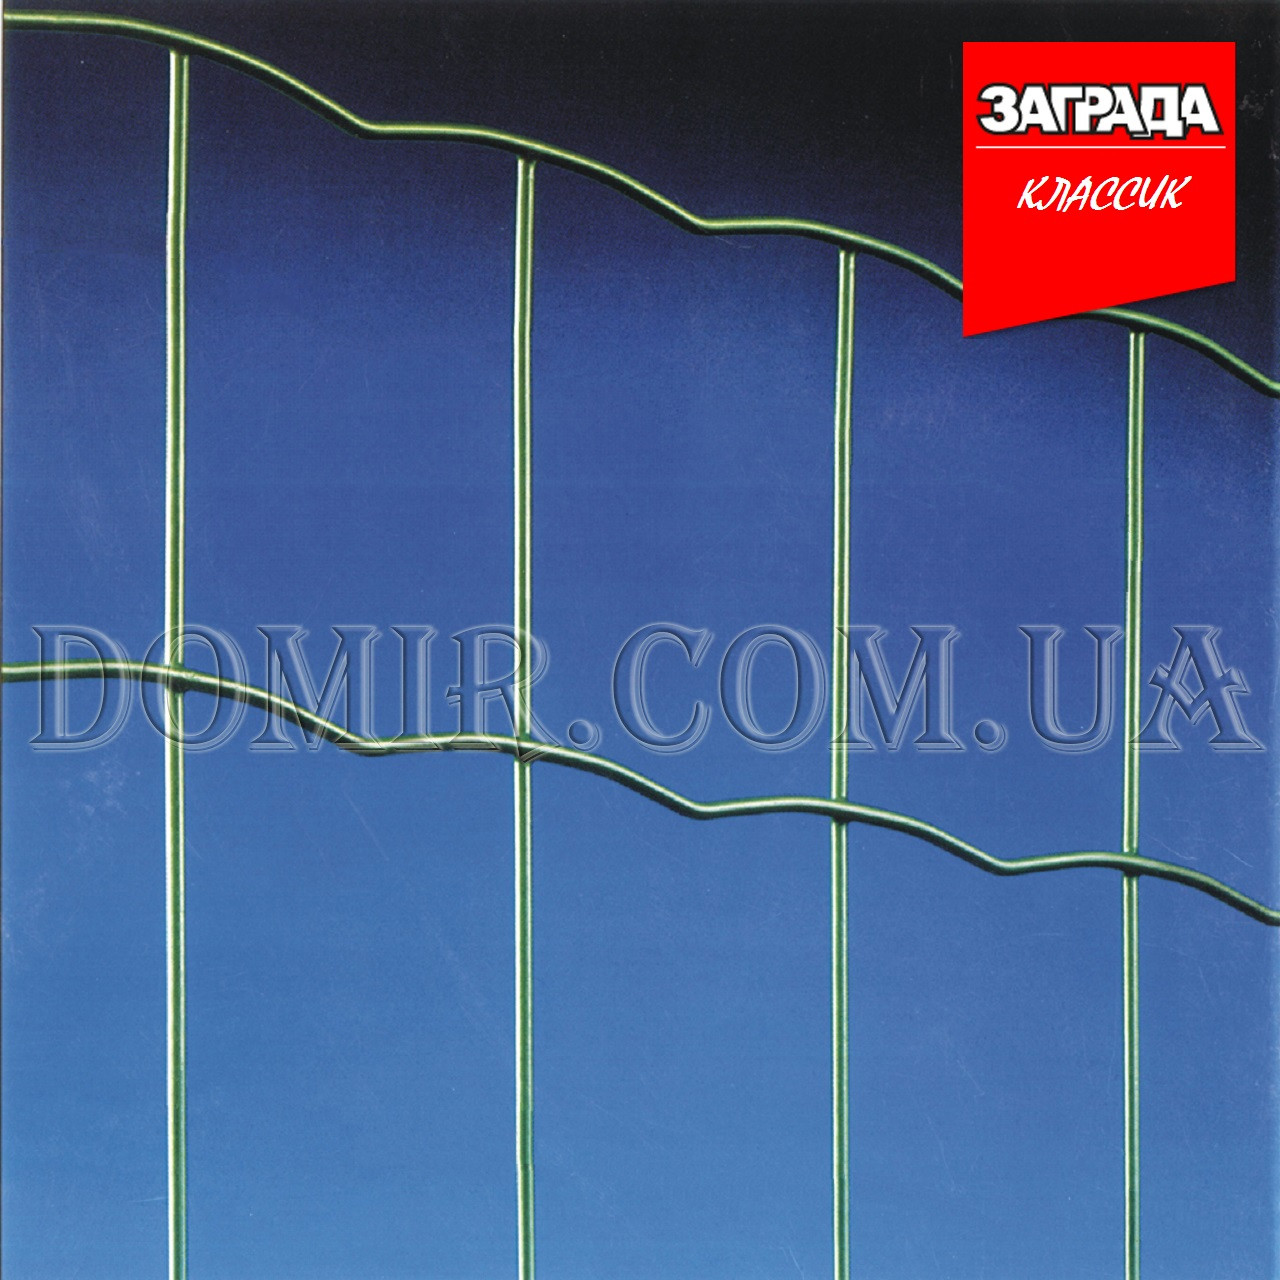 Сетка в рулонах с полимерным покрытием КЛАССИК Заграда™